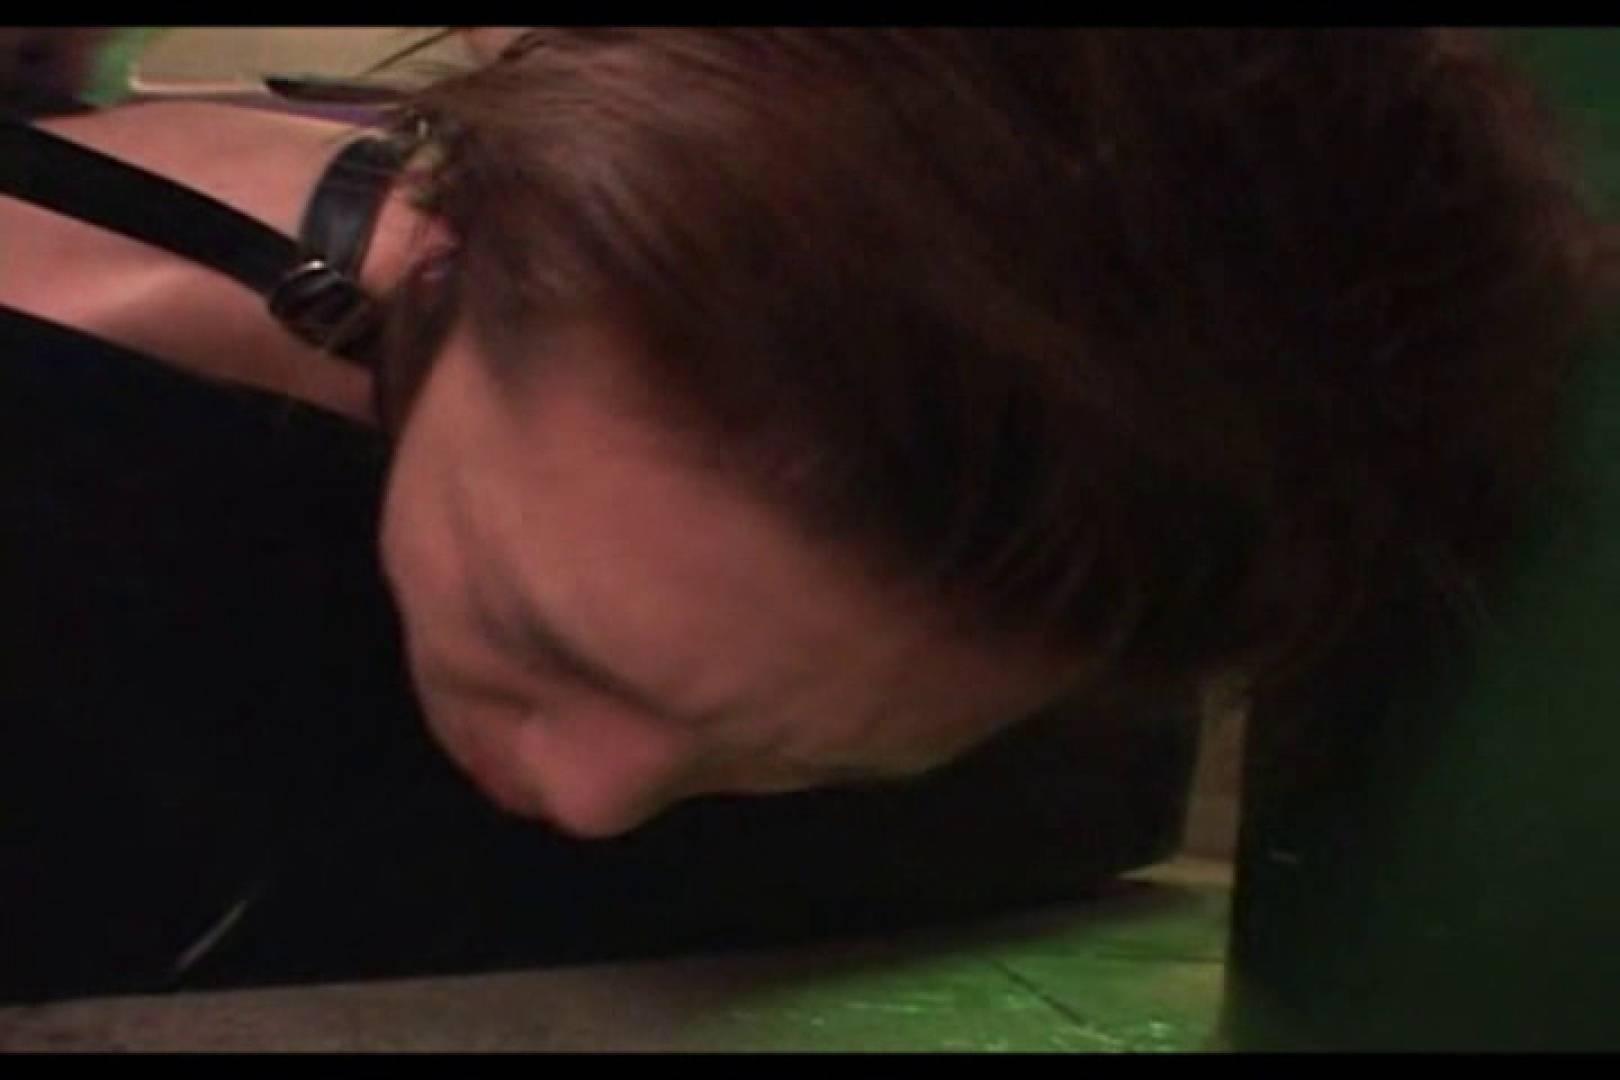 イケメン・・・アグレッシブ危険ファイルNo.05 スジ筋系男子 ゲイAV画像 89枚 52